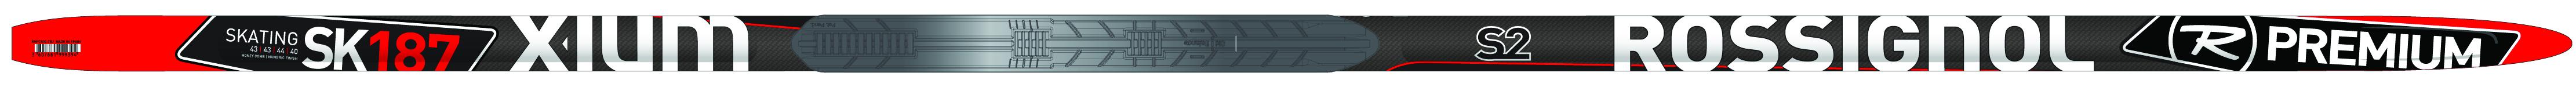 Rossignol X-Ium skate Premium S2